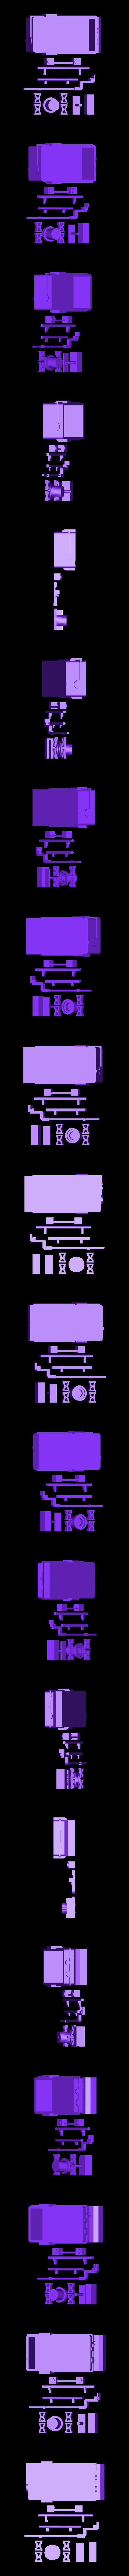 Sojourner_body.stl Télécharger fichier STL gratuit Mars Rover : Sojourner • Modèle imprimable en 3D, Slagerqod